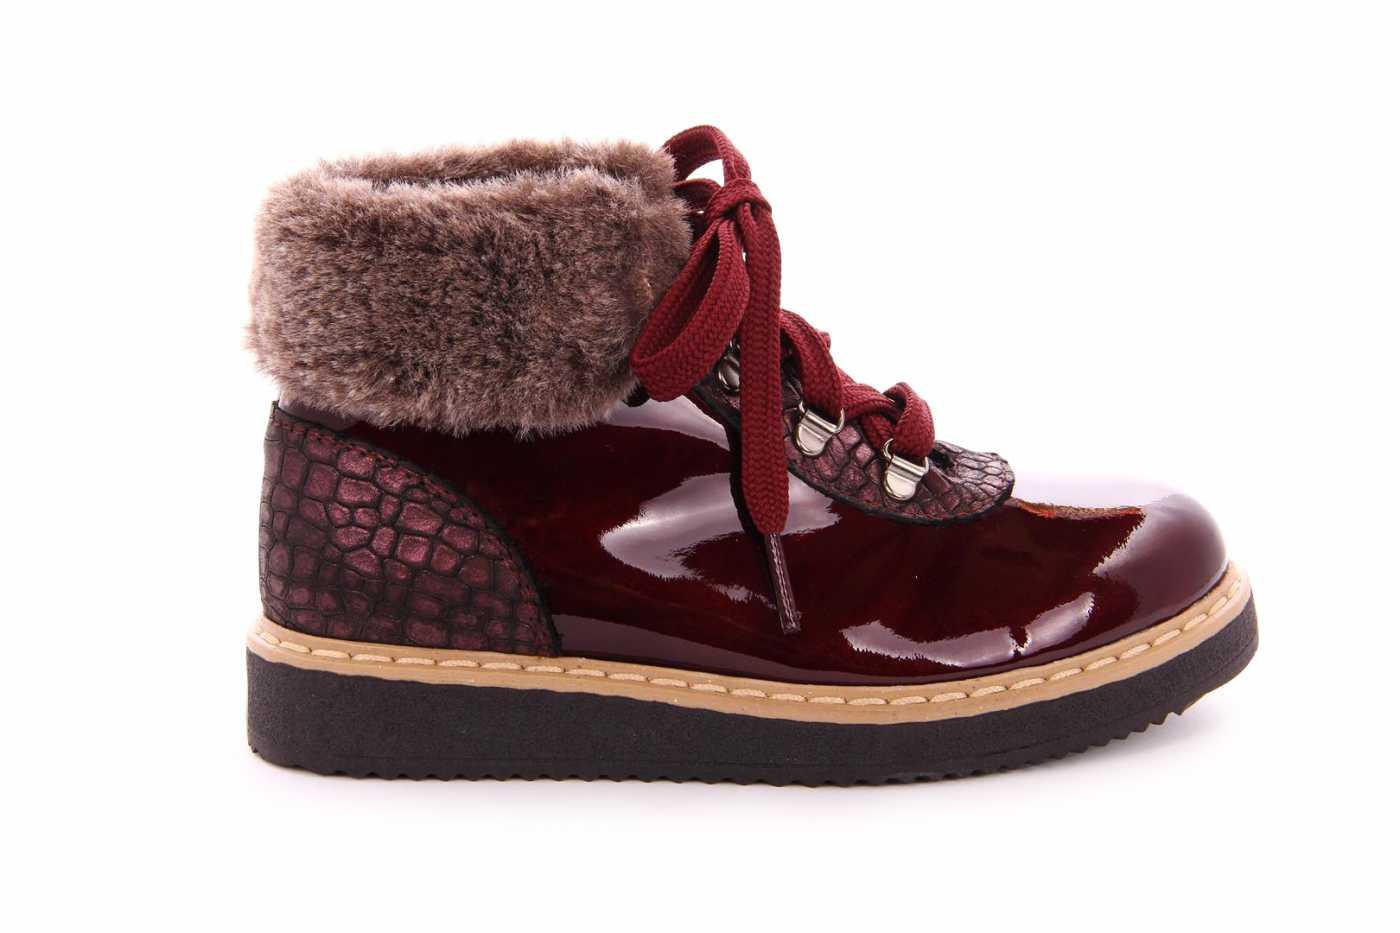 31139897bcd Comprar zapato tipo JOVEN NIÑA estilo BOTINES-BOTA ALTA COLOR ...